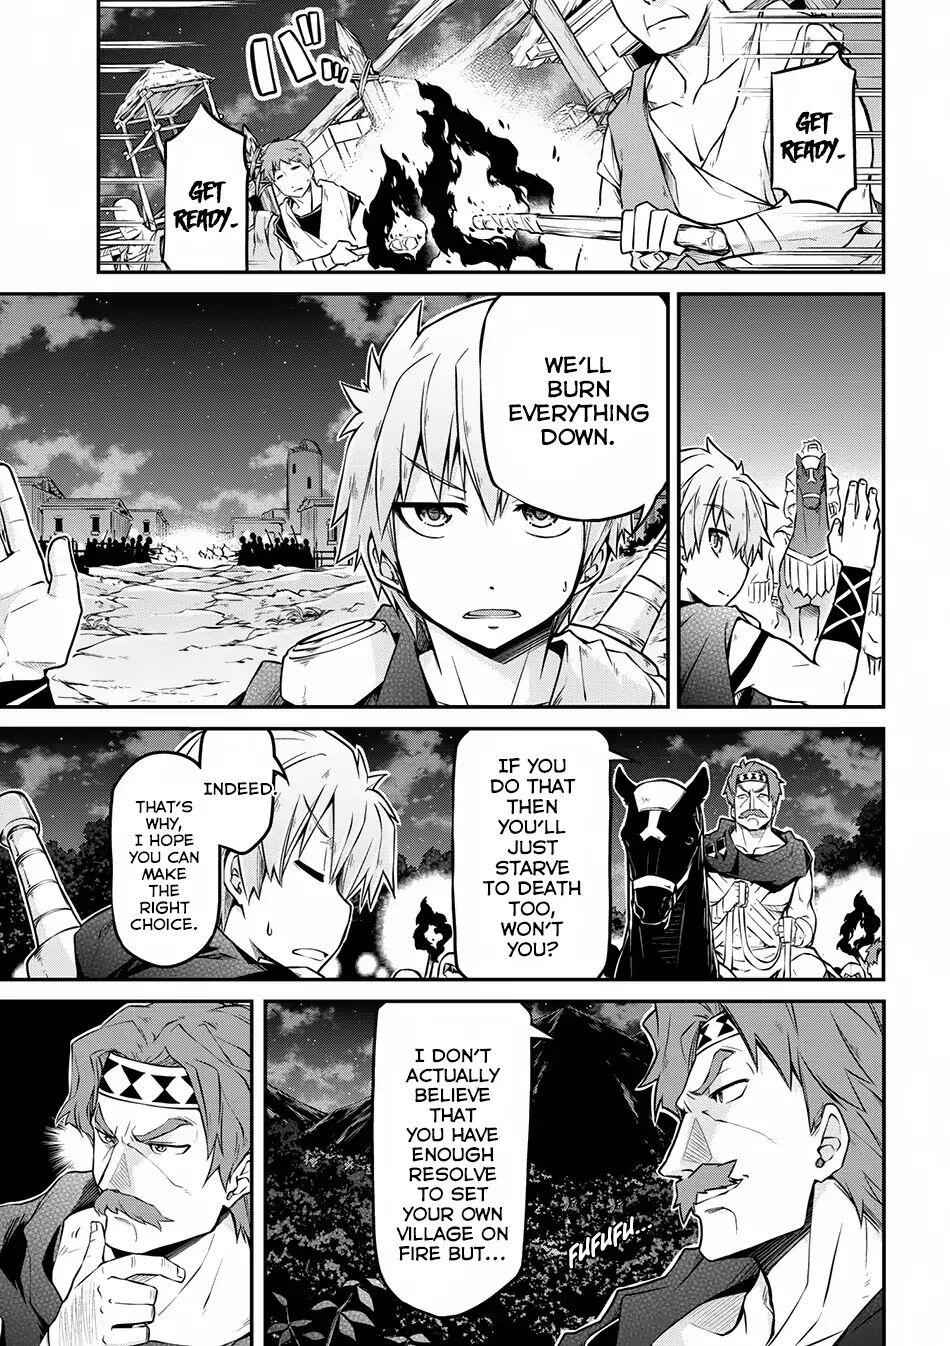 Isekai Kenkokuki - chapter 20.1-eng-li